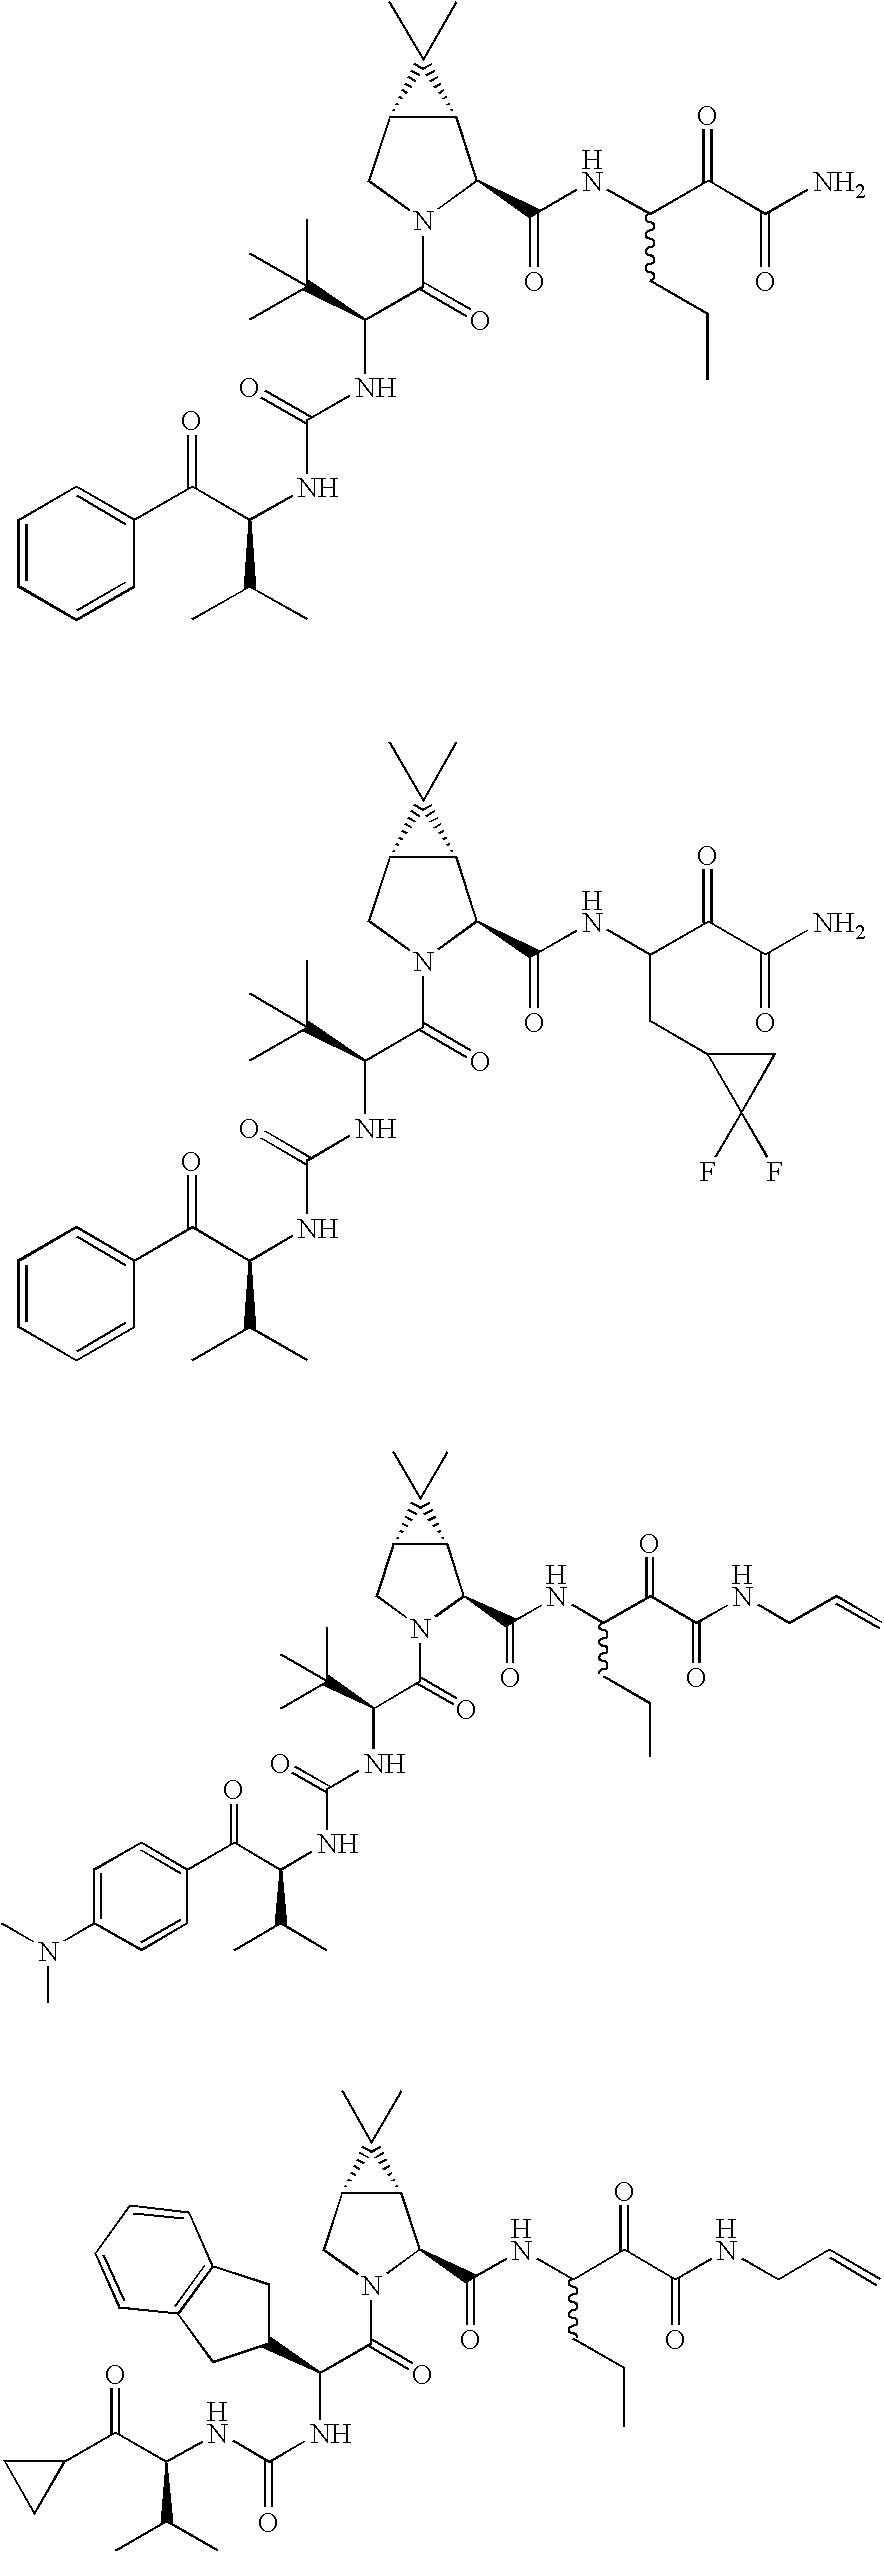 Figure US20060287248A1-20061221-C00236